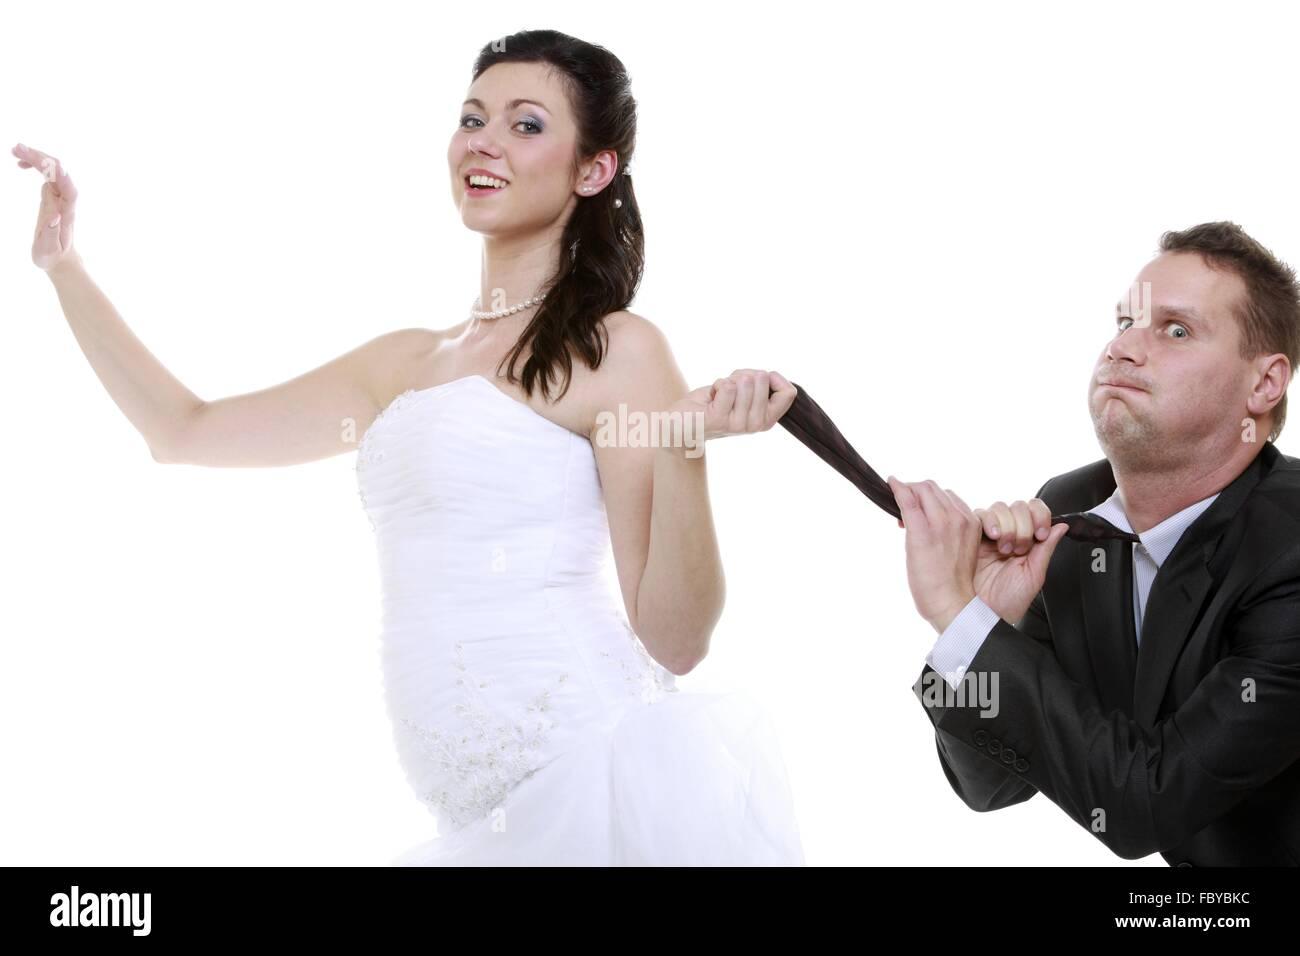 Exquisit Hochzeit Bilder Lustig Beste Wahl Humorvoll, Paar Braut Und Bräutigam - Frau